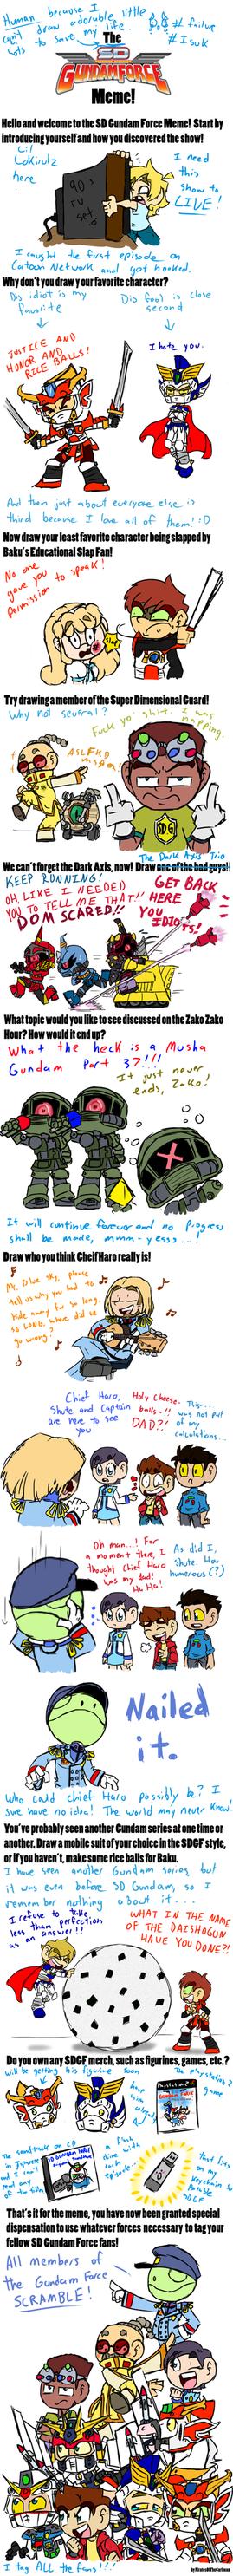 SD Gundam Force Meme by Lokirulz